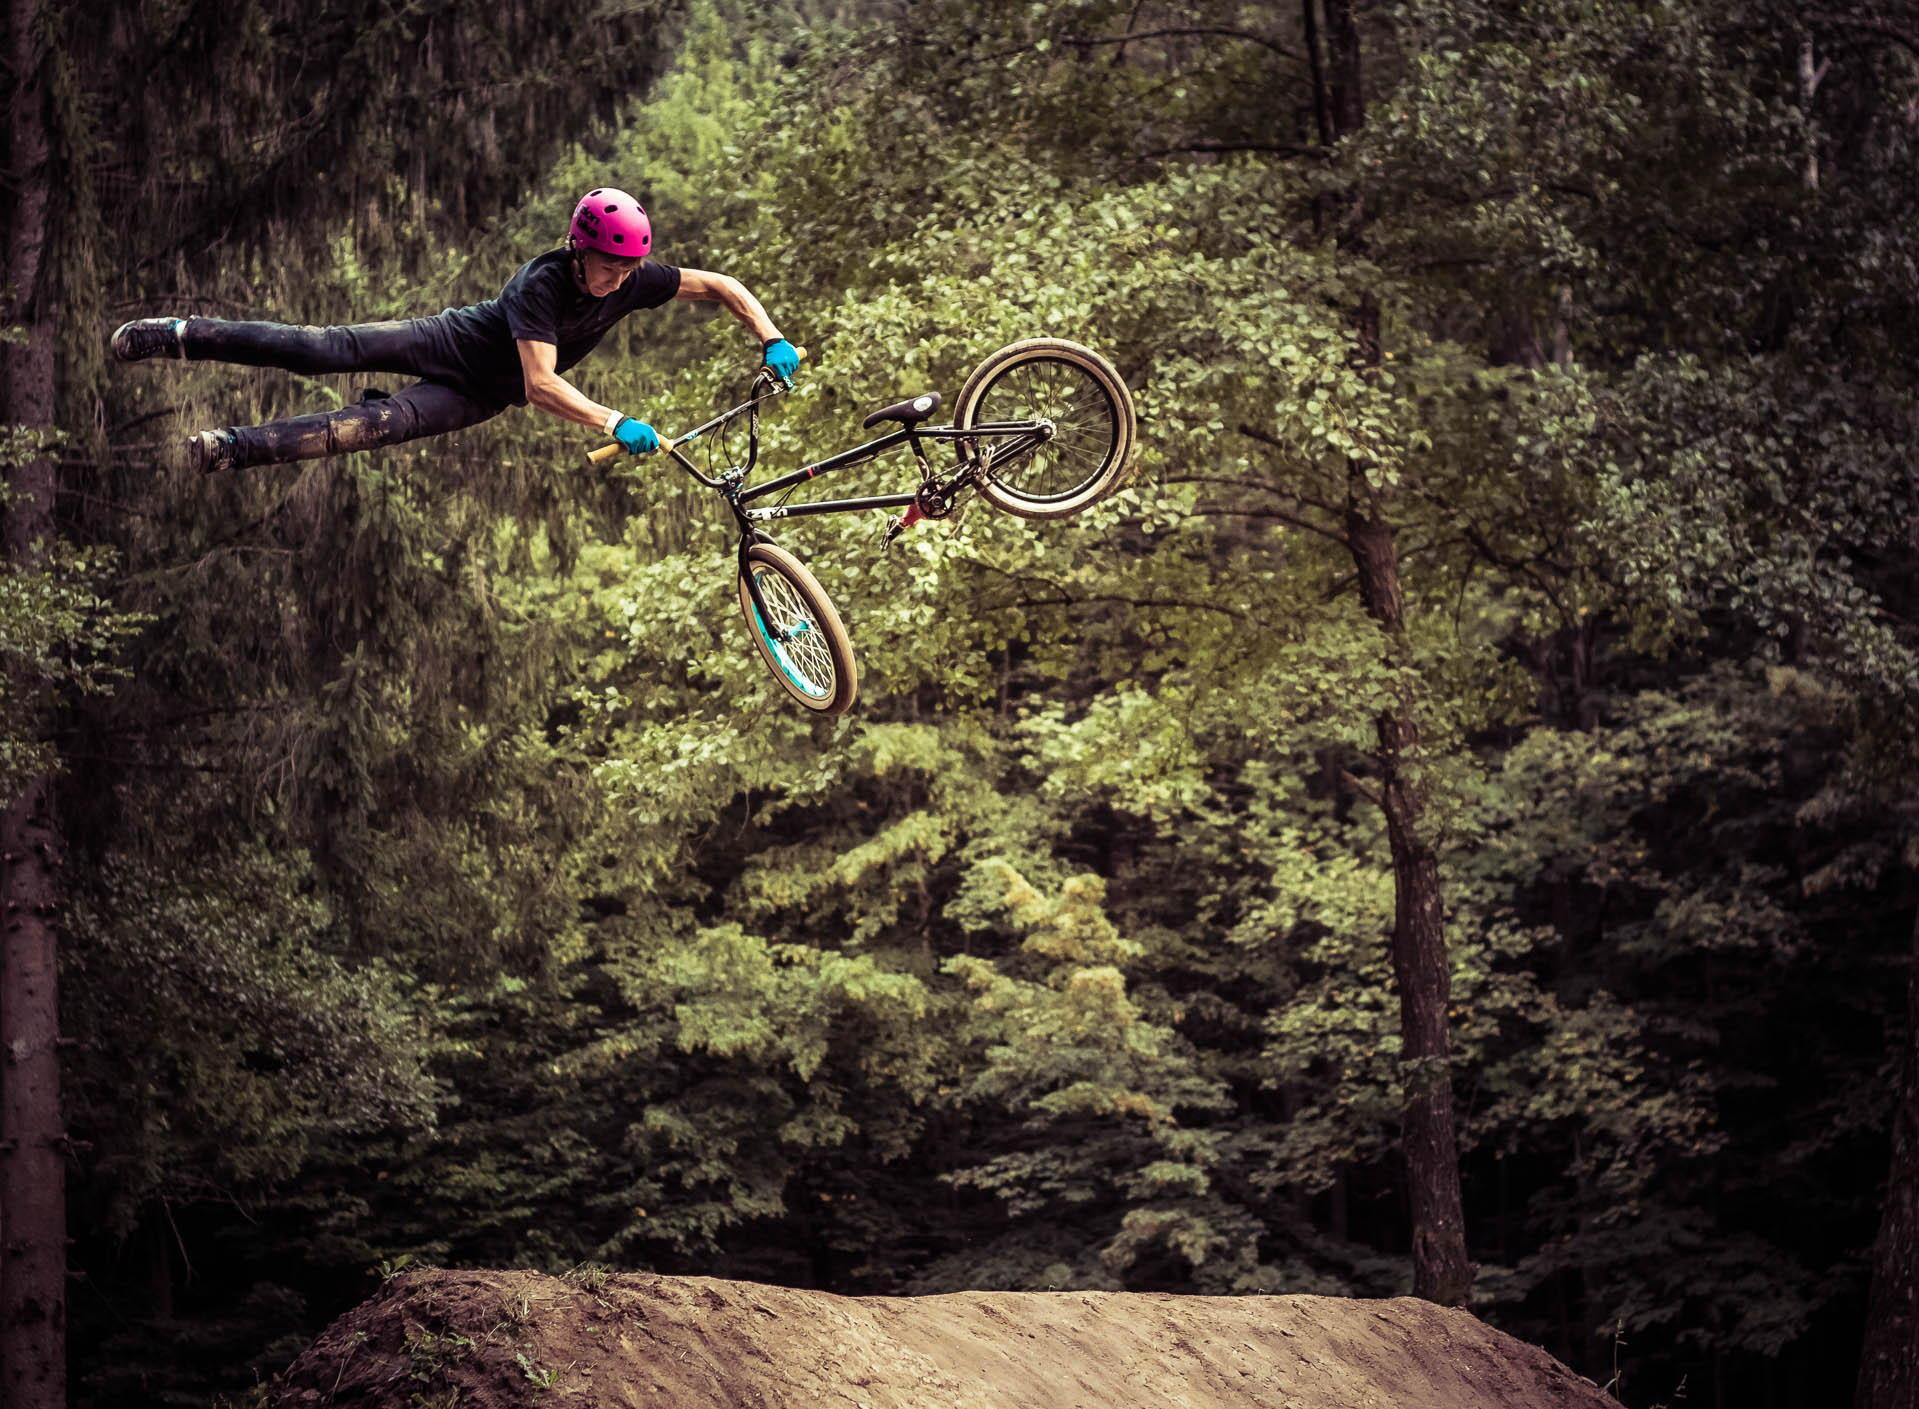 低碳环保,亲近自然 自行车运动摄影作品